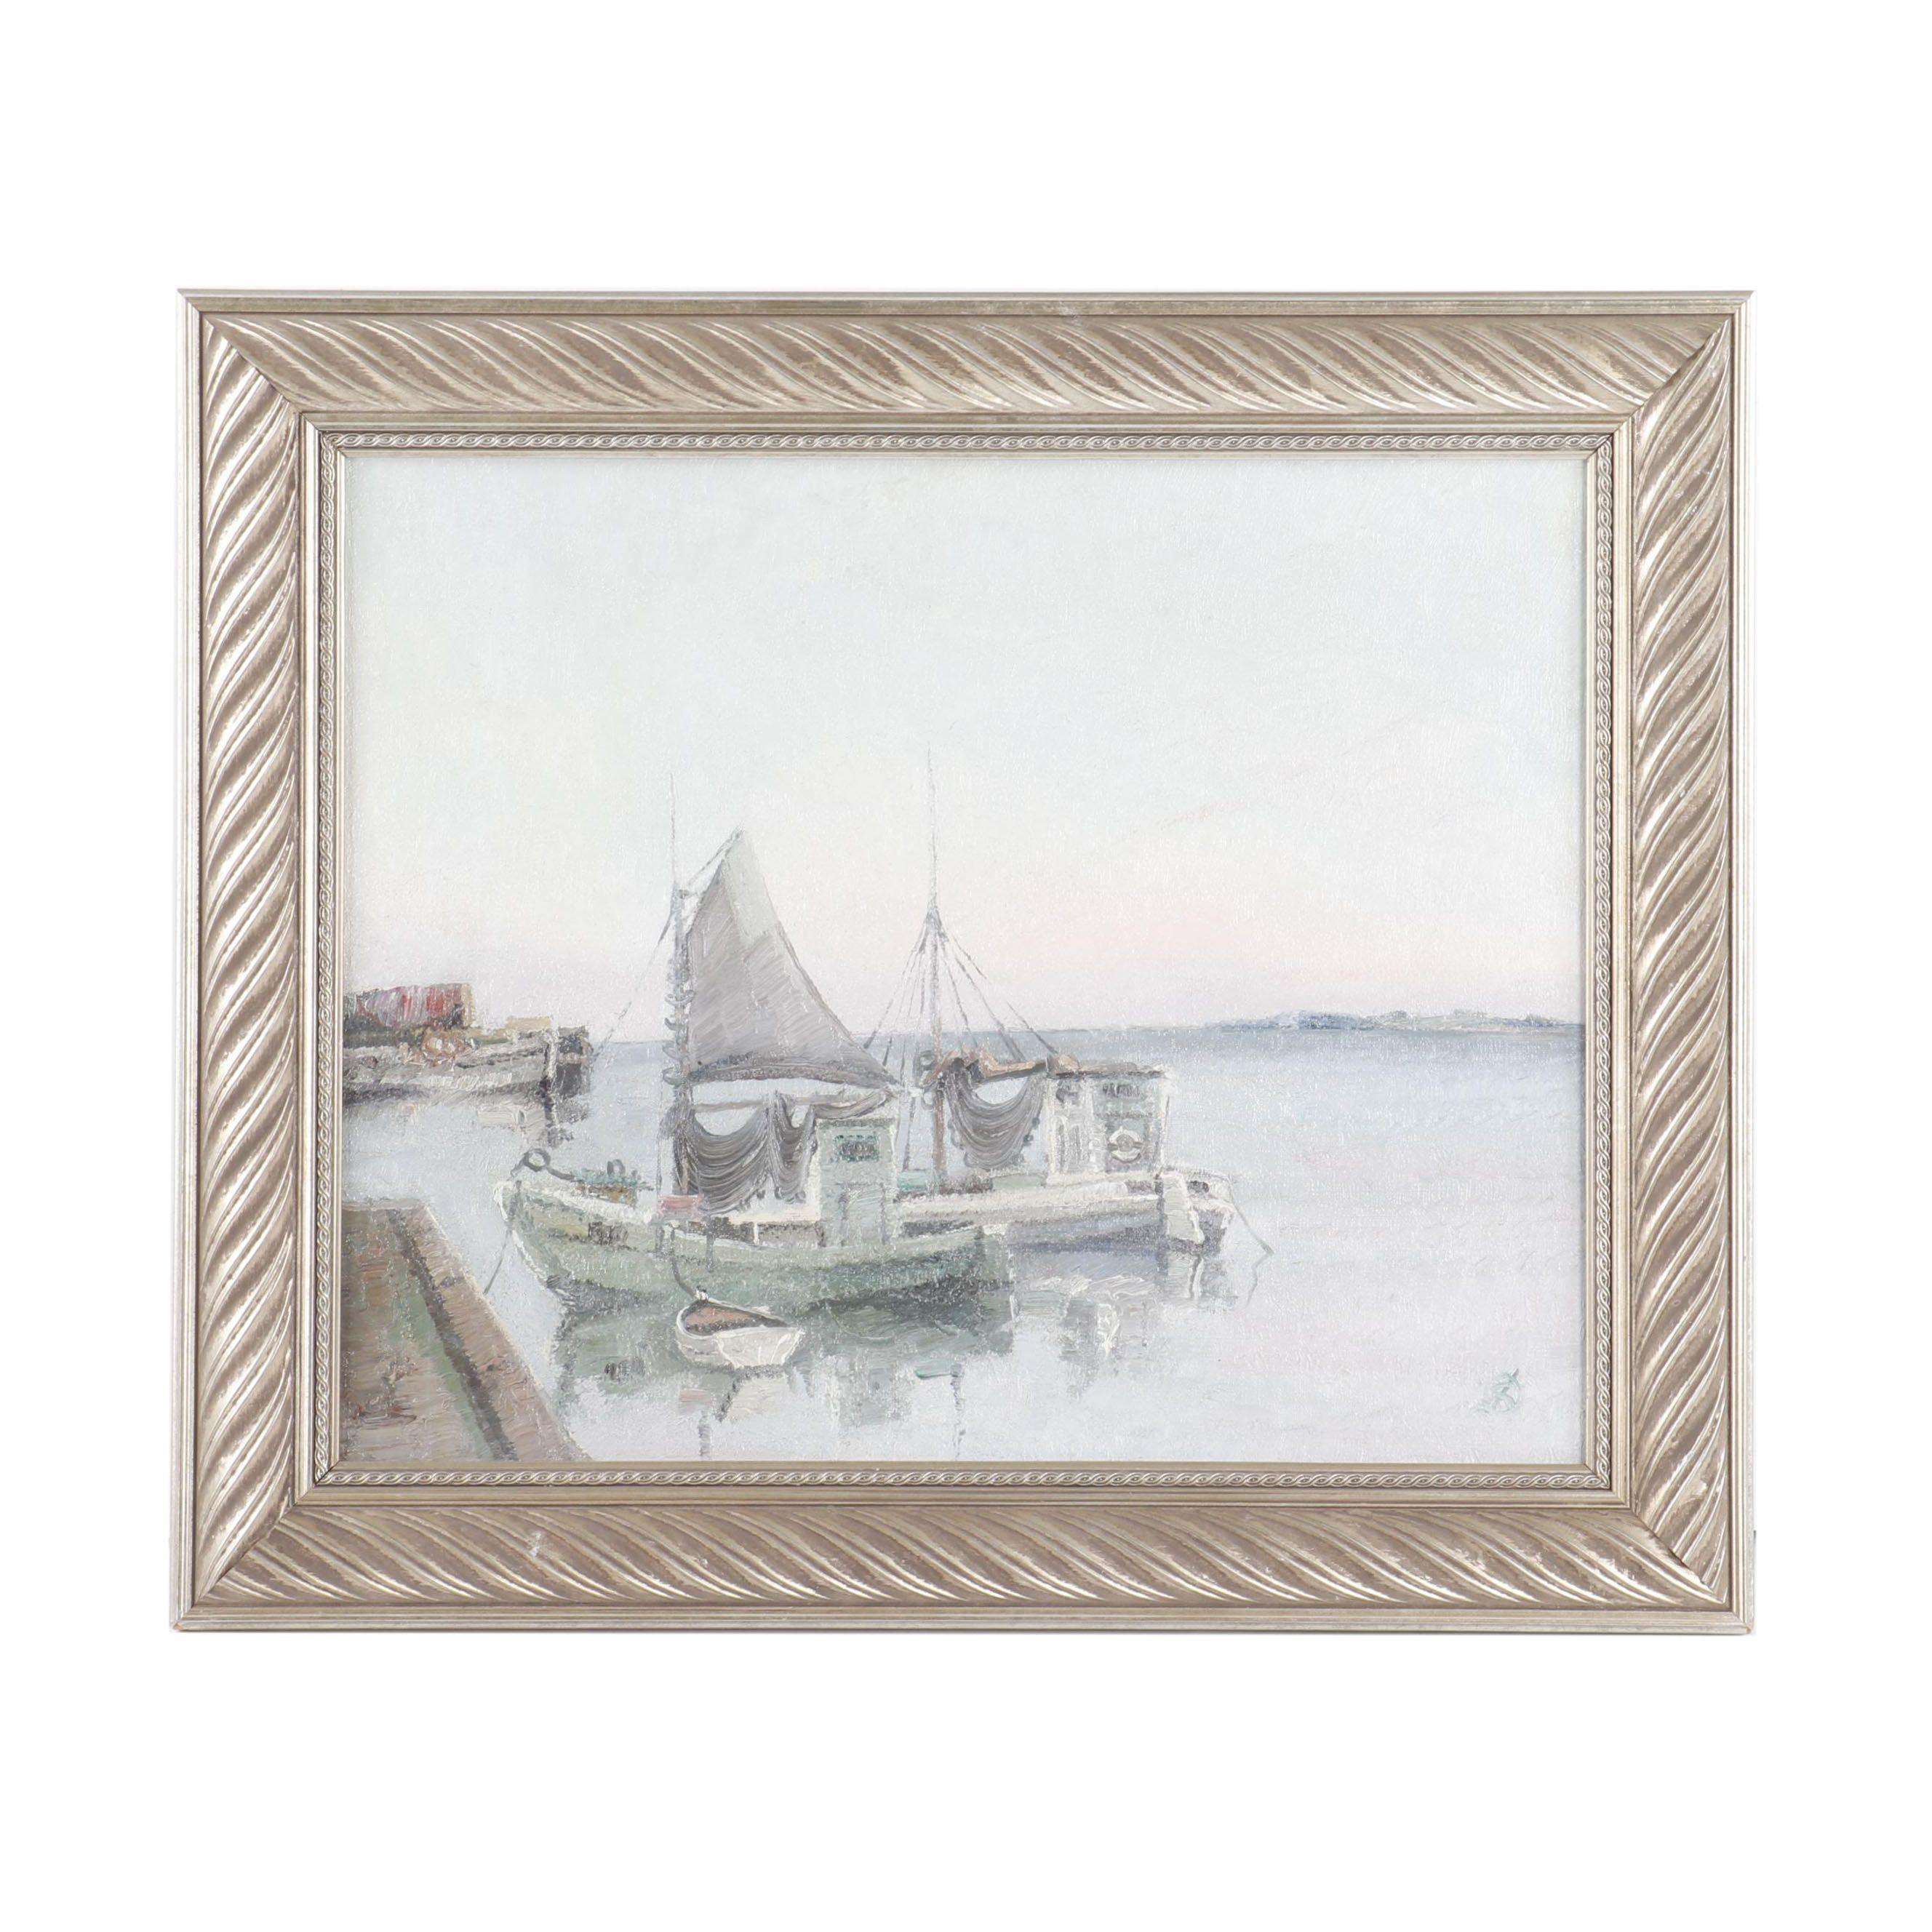 Jens Sinding Christensen Oil Painting of Harbor at Dusk